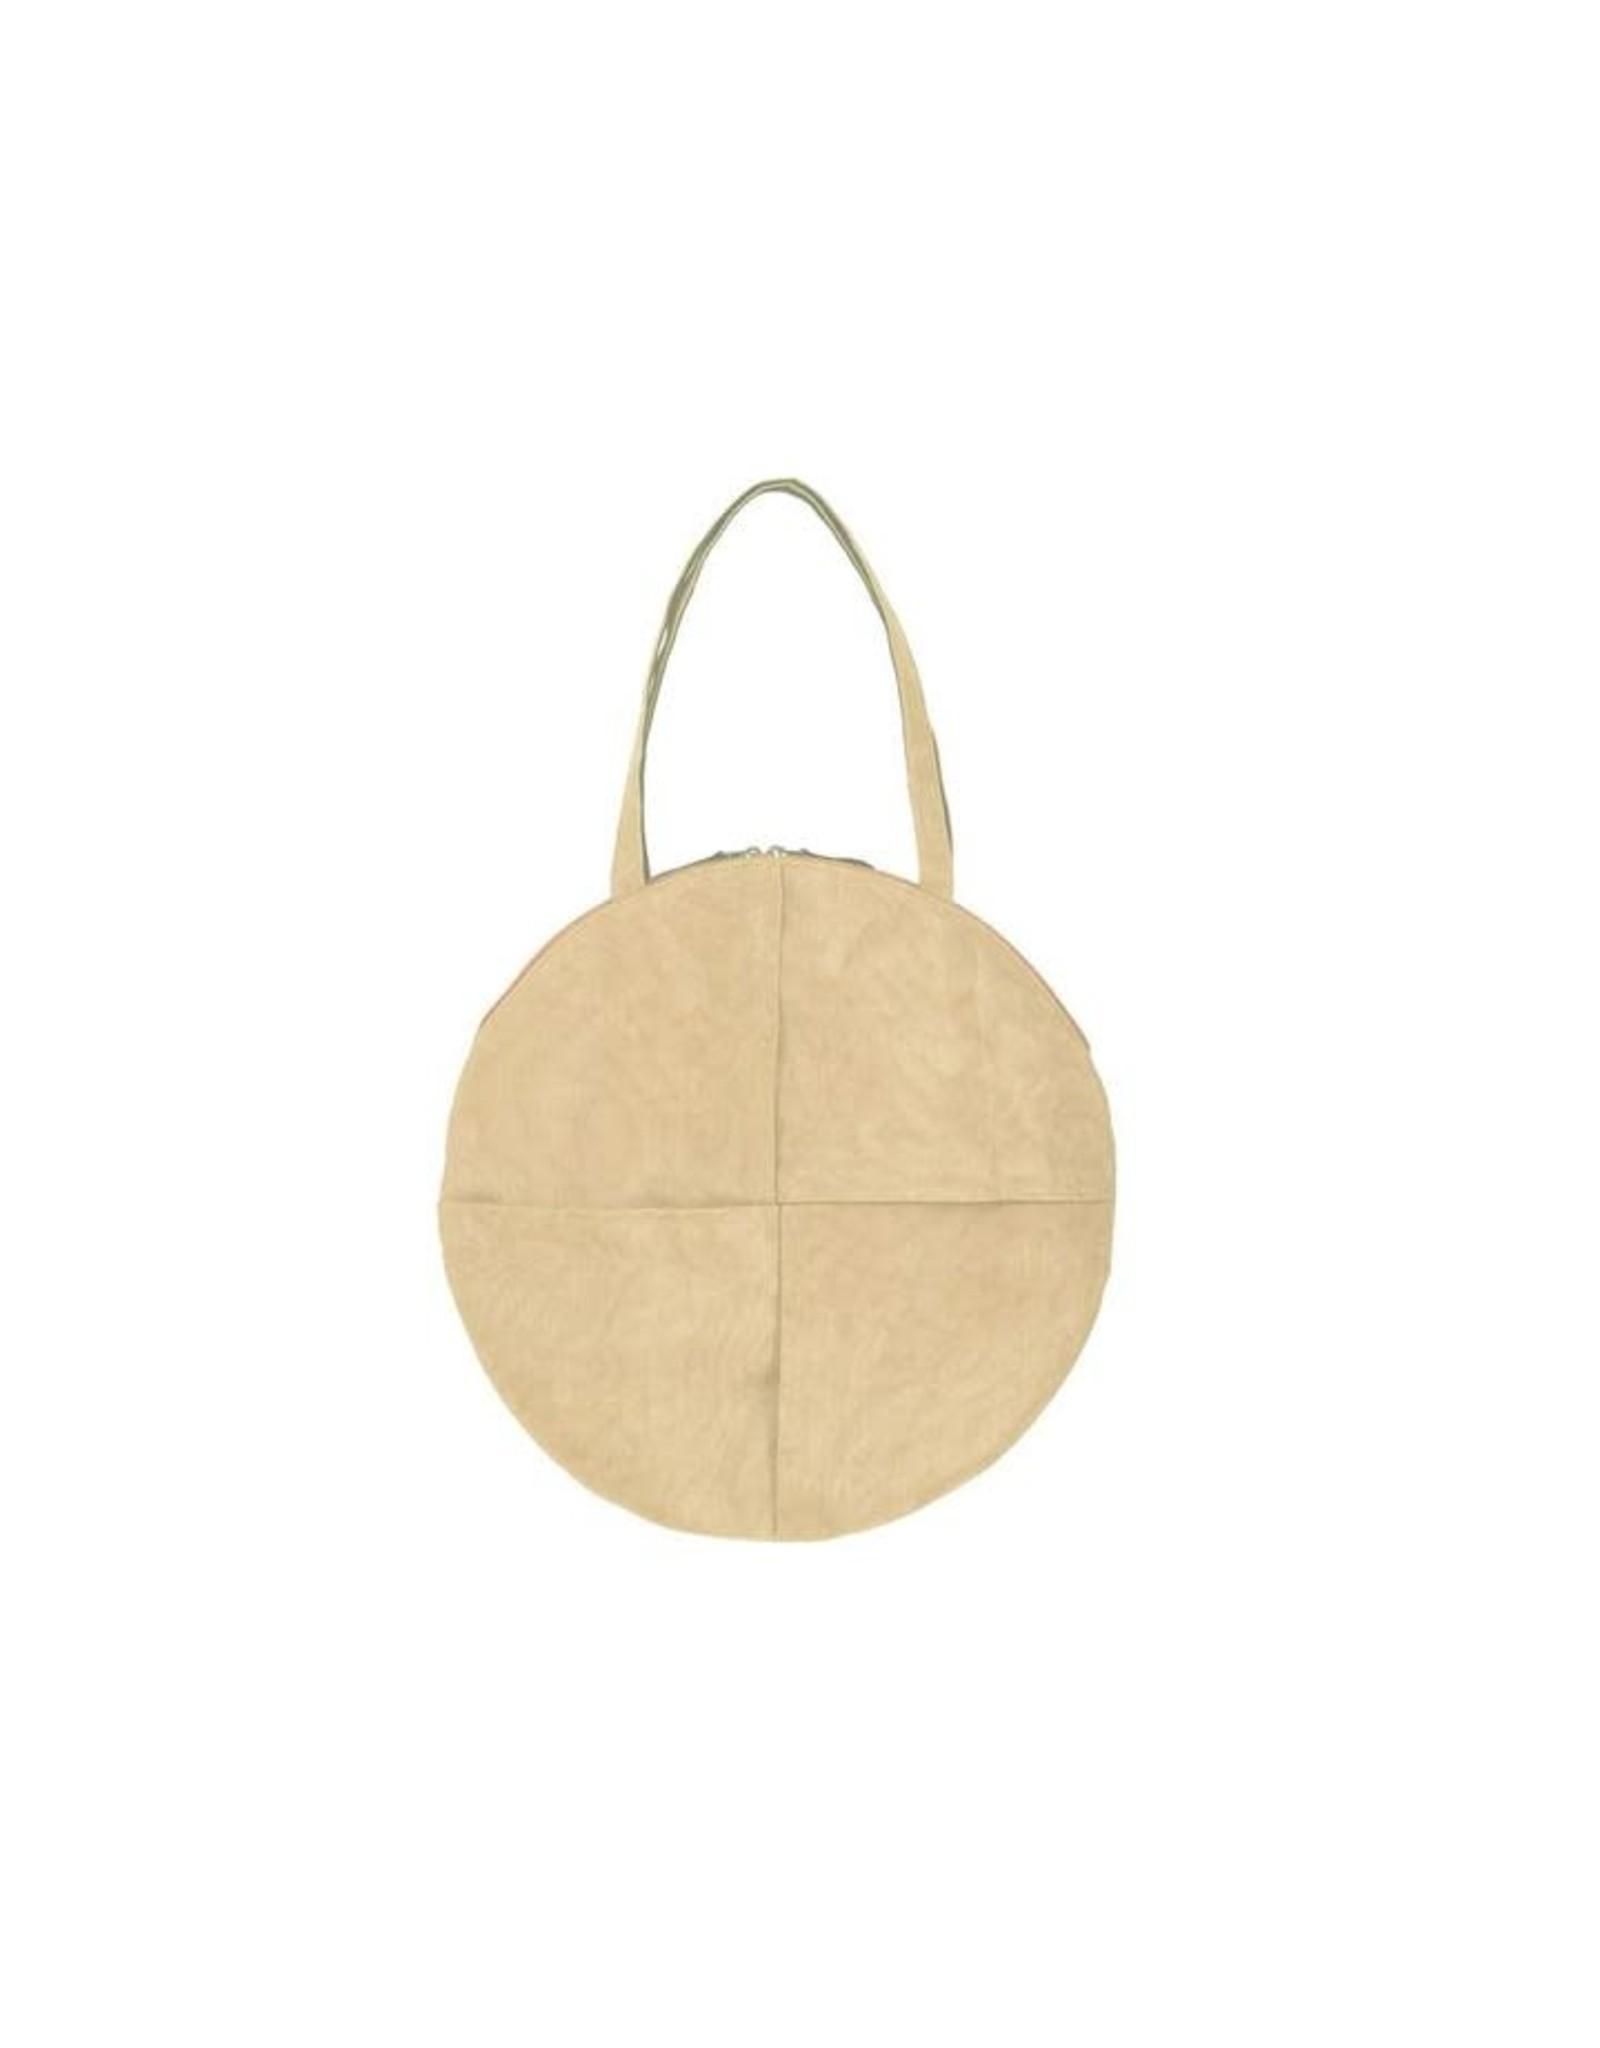 Chanlina CIRCLE Shoulder Bag, Sand, Cambodia